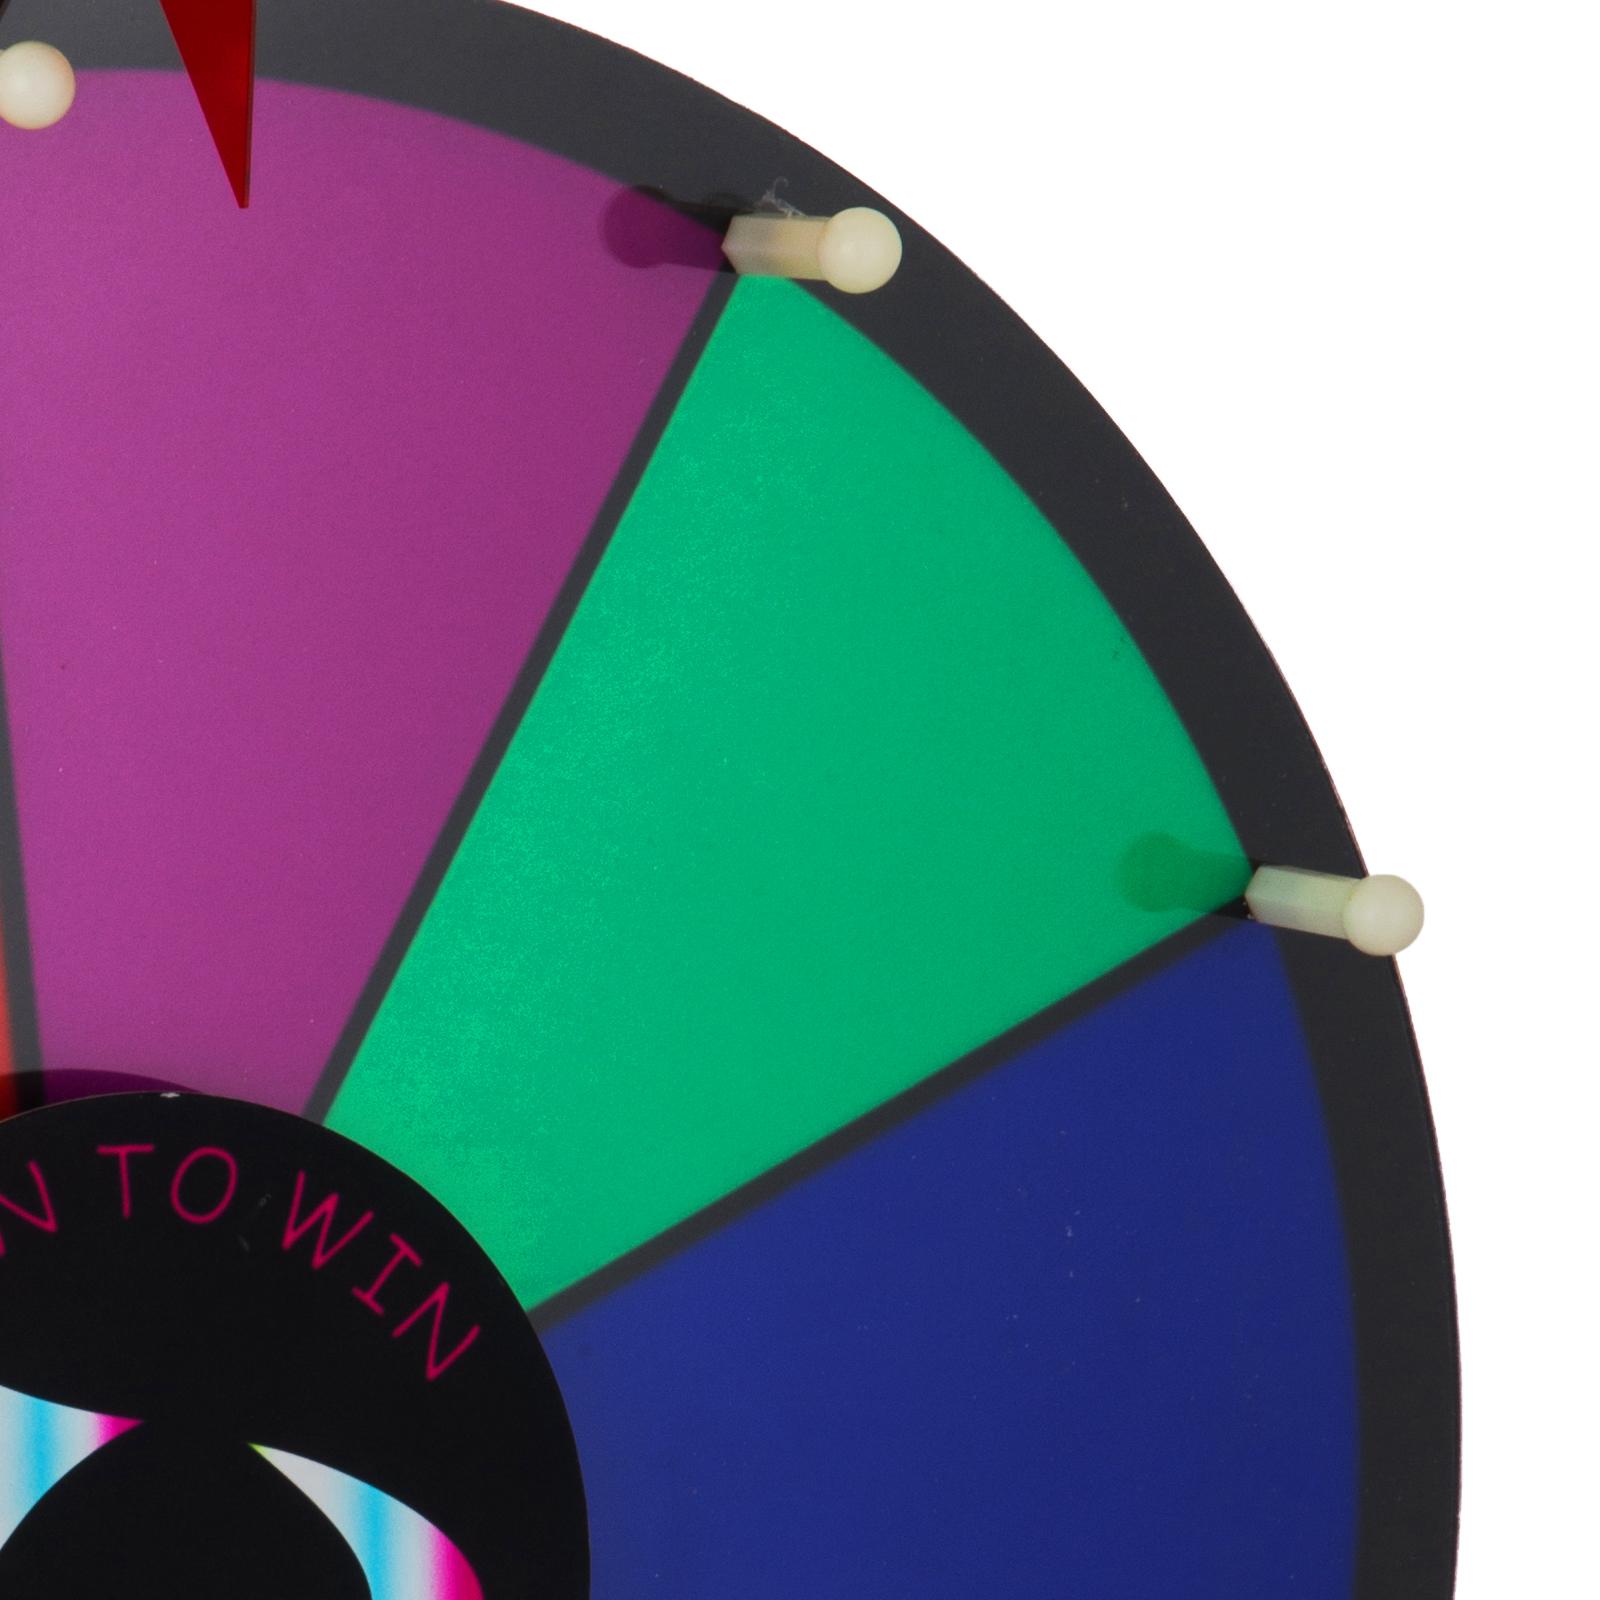 24-18-15-Ruota-Della-Fortuna-di-Colore-14-Slots-Gioco-Spin-Con-Supporto-Festa miniatura 33